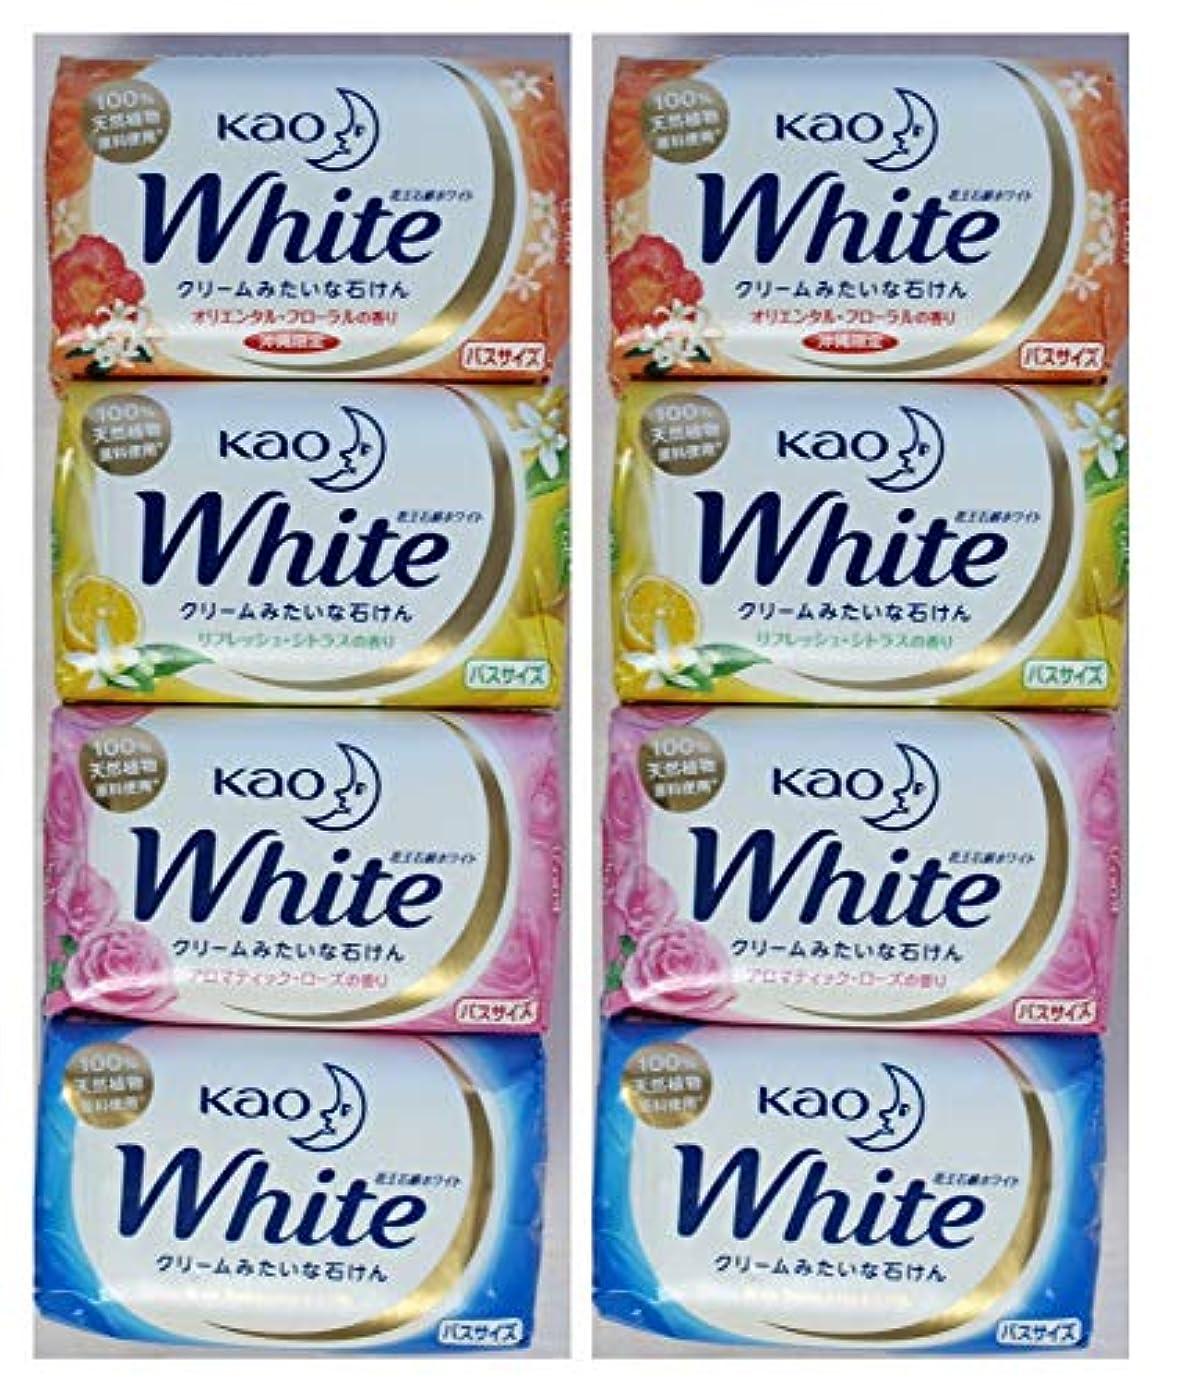 サスペンション説教海港561988-8P 花王 Kao 石けんホワイト 4つの香り(オリエンタルフローラル/ホワイトフローラル/アロマティックローズ/リフレッシュシトラスの4種) 130g×4種×2set 計8個